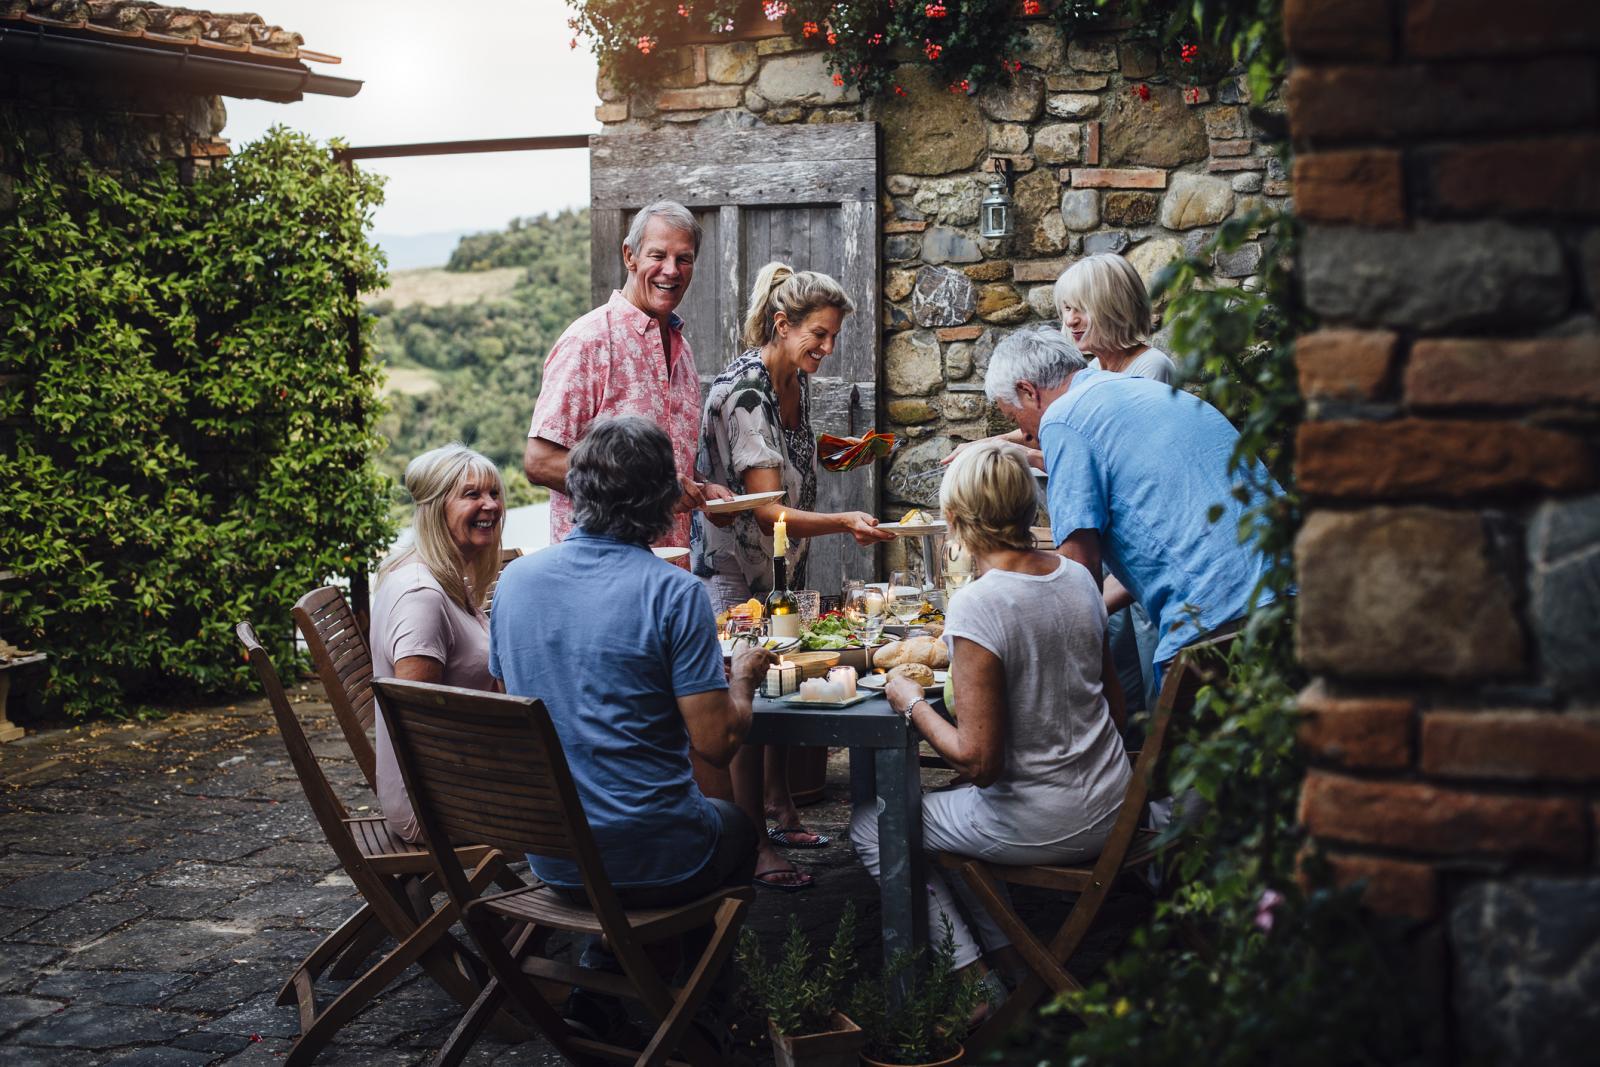 Razgovor izoštrava um, bilo da je riječ o obiteljskim, prijateljskim ili poslovnim razgovorima.